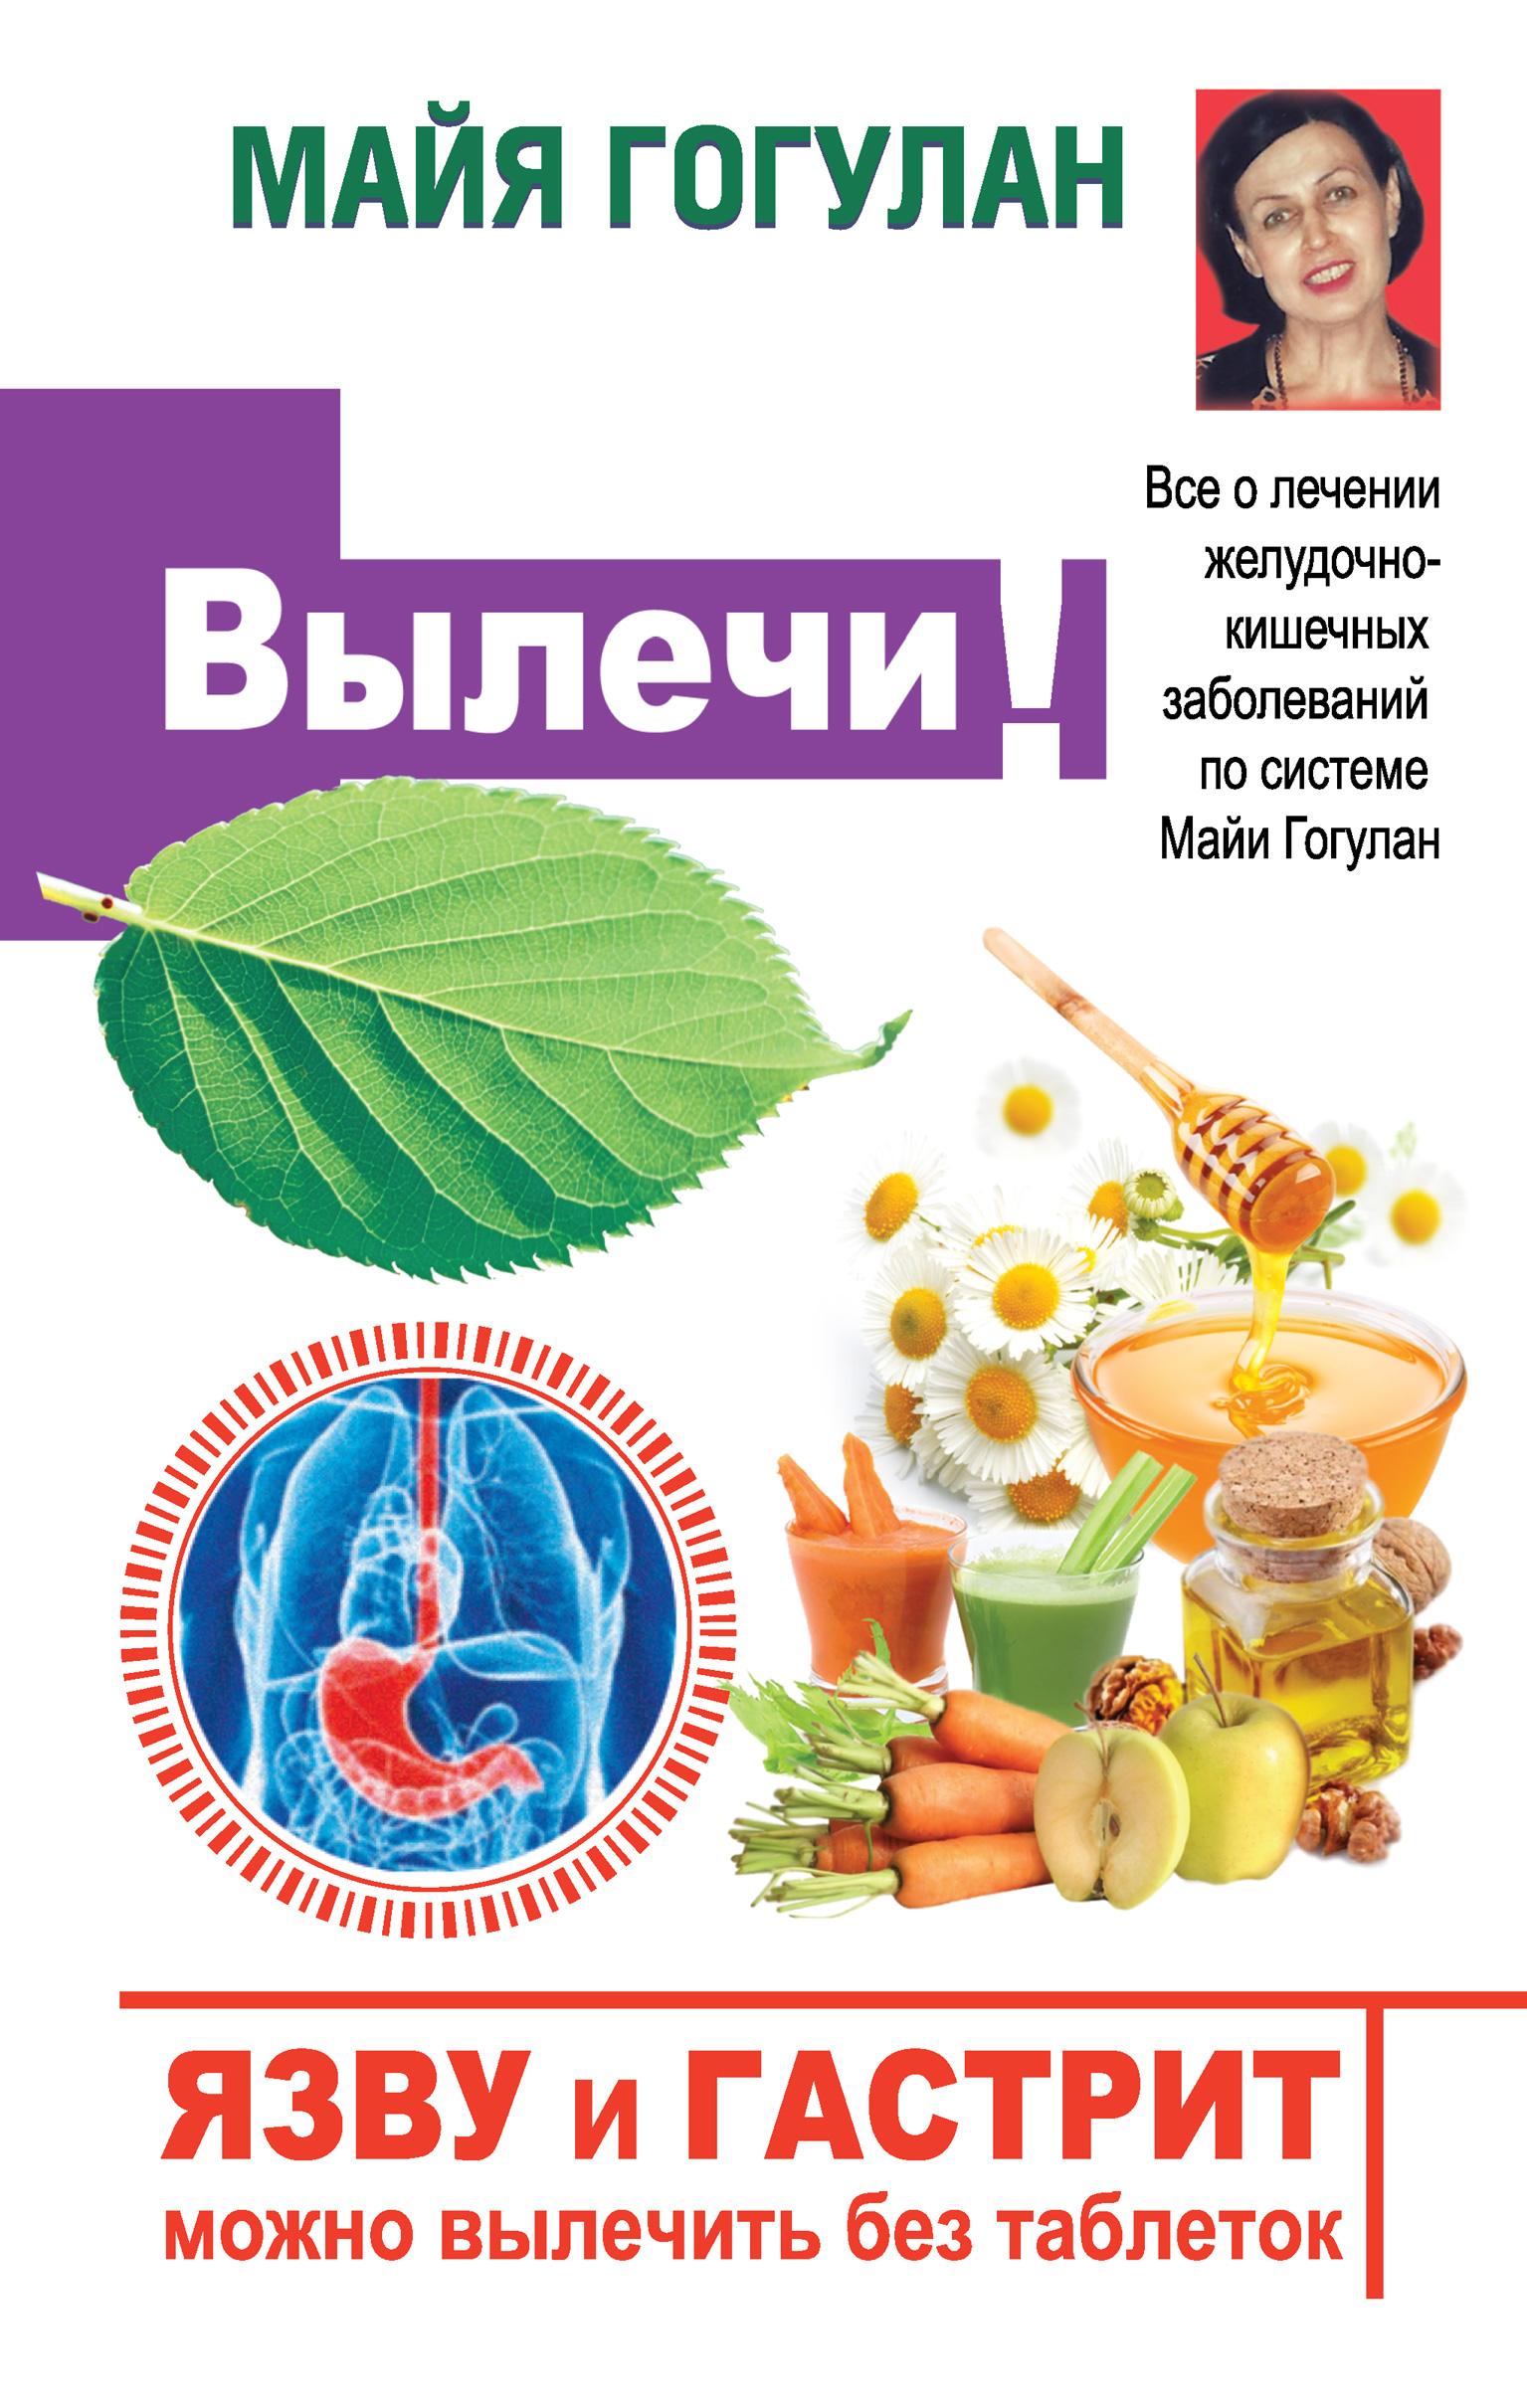 майя гогулан как повысить иммунитет и навсегда забыть о болезнях можно не болеть Майя Гогулан Язву и гастрит можно вылечить без таблеток! Все о лечении желудочно-кишечных заболеваний по системе Майи Гогулан